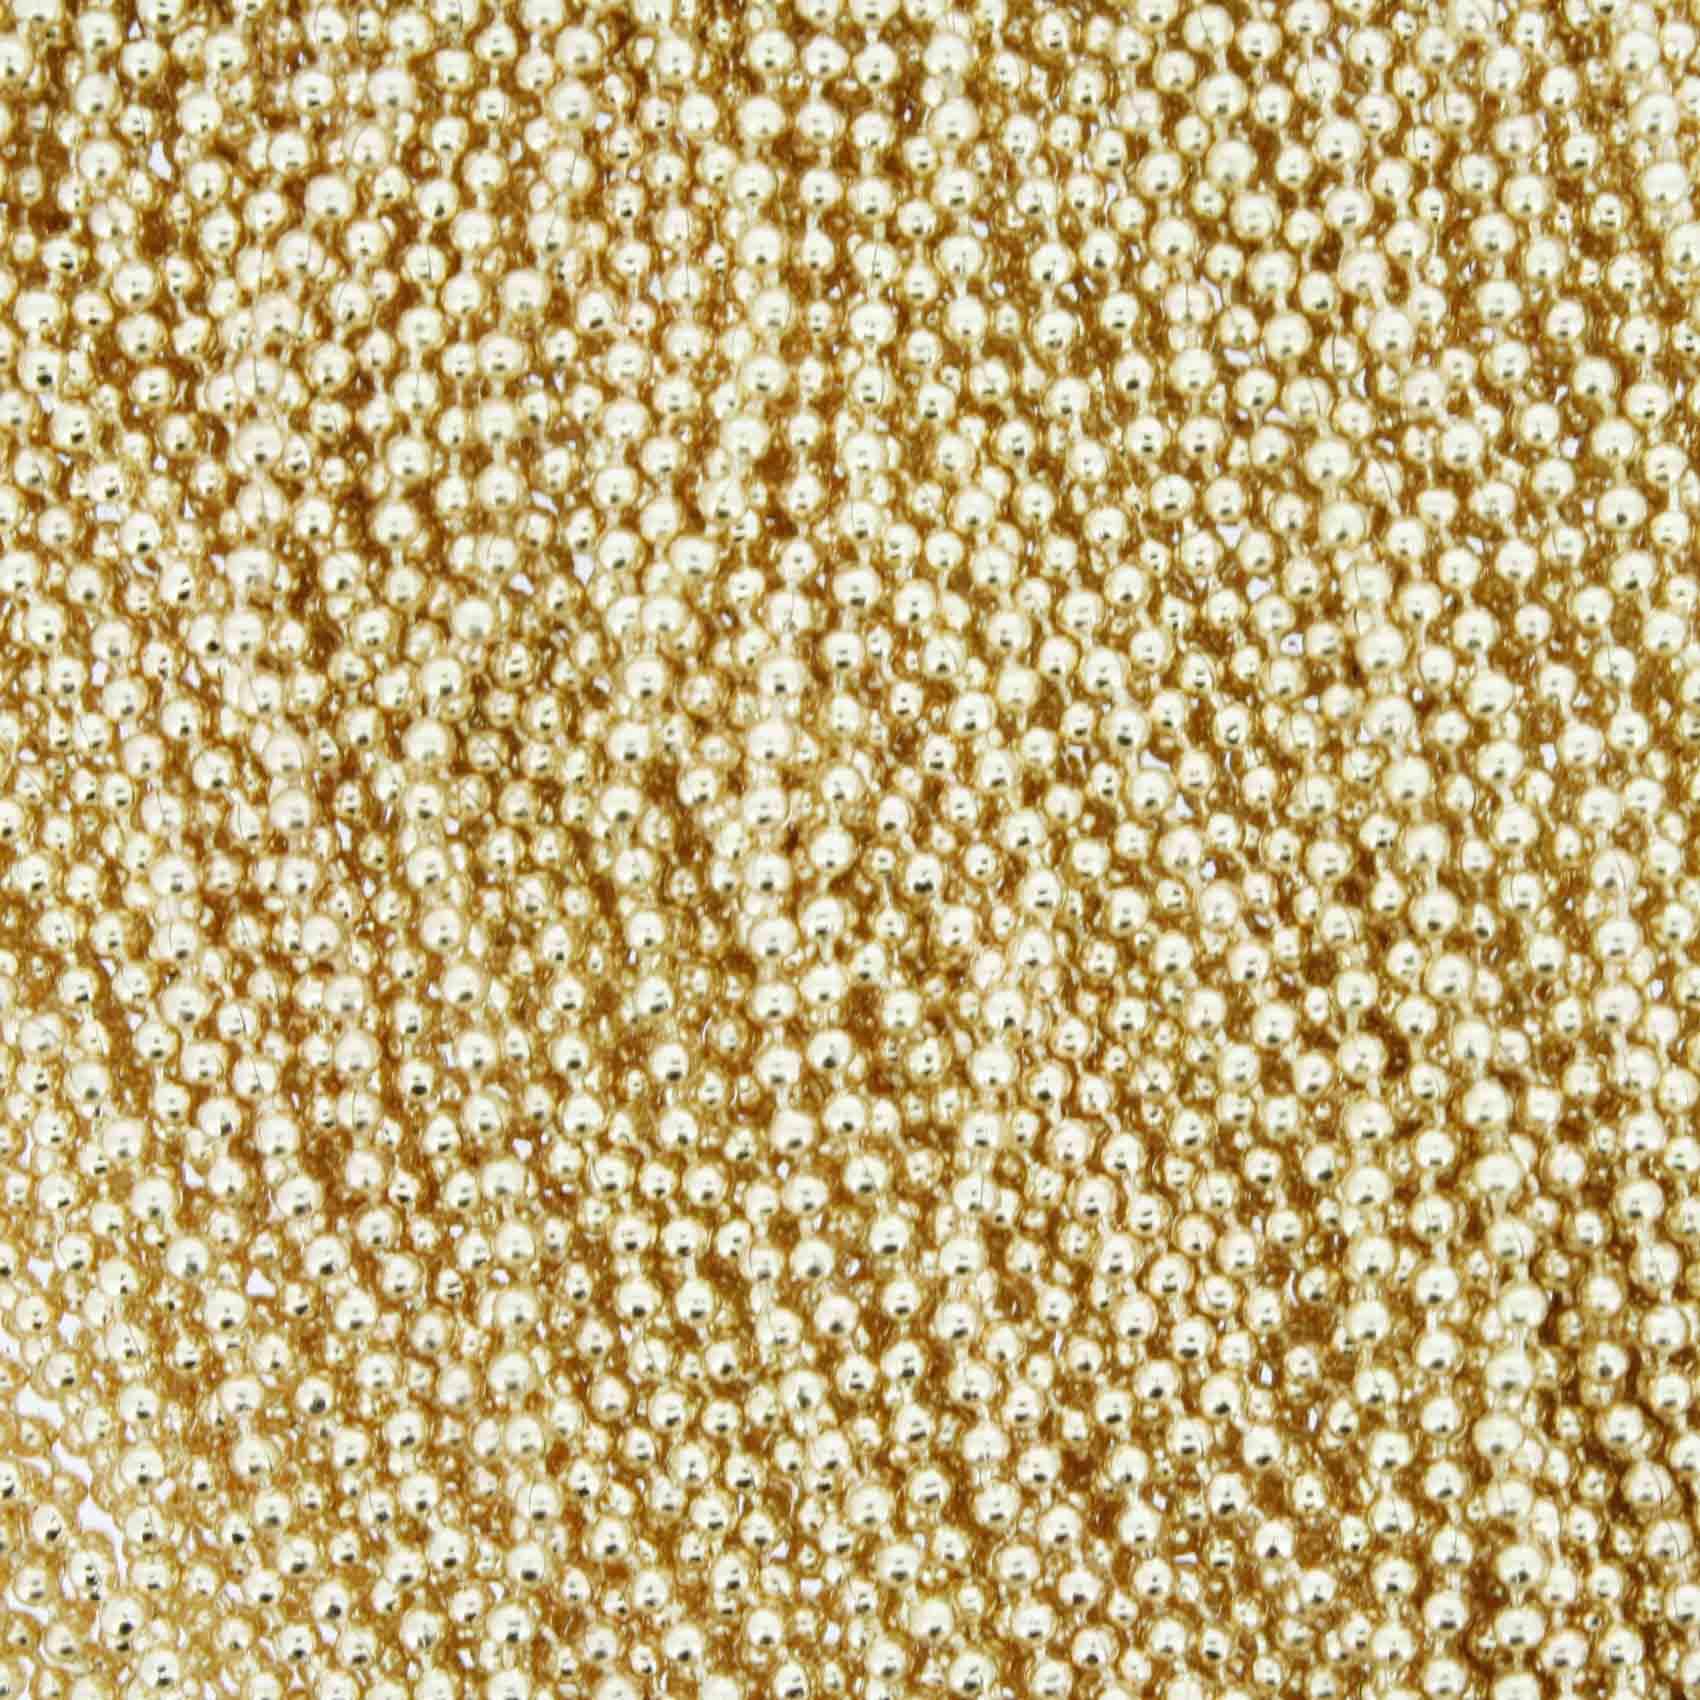 Corrente de Bolinha - 1,5mm - Dourada  - Stéphanie Bijoux® - Peças para Bijuterias e Artesanato